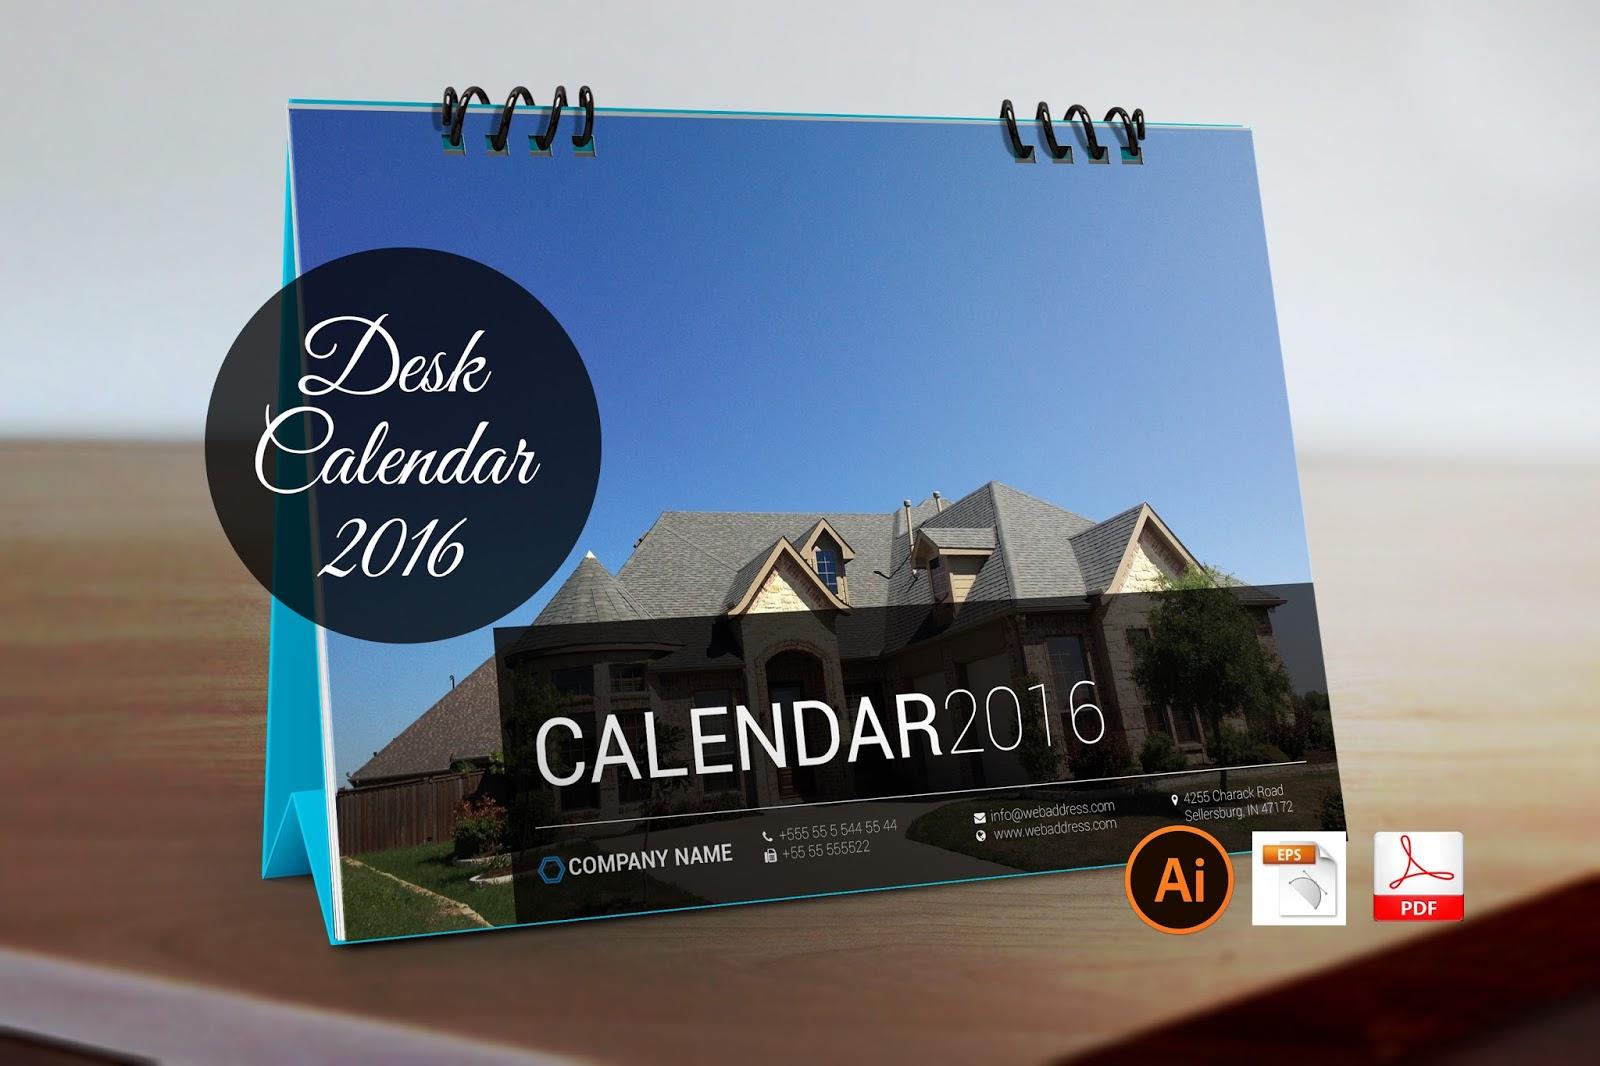 2016 desk calendar get the latest 2016 calendar for your company